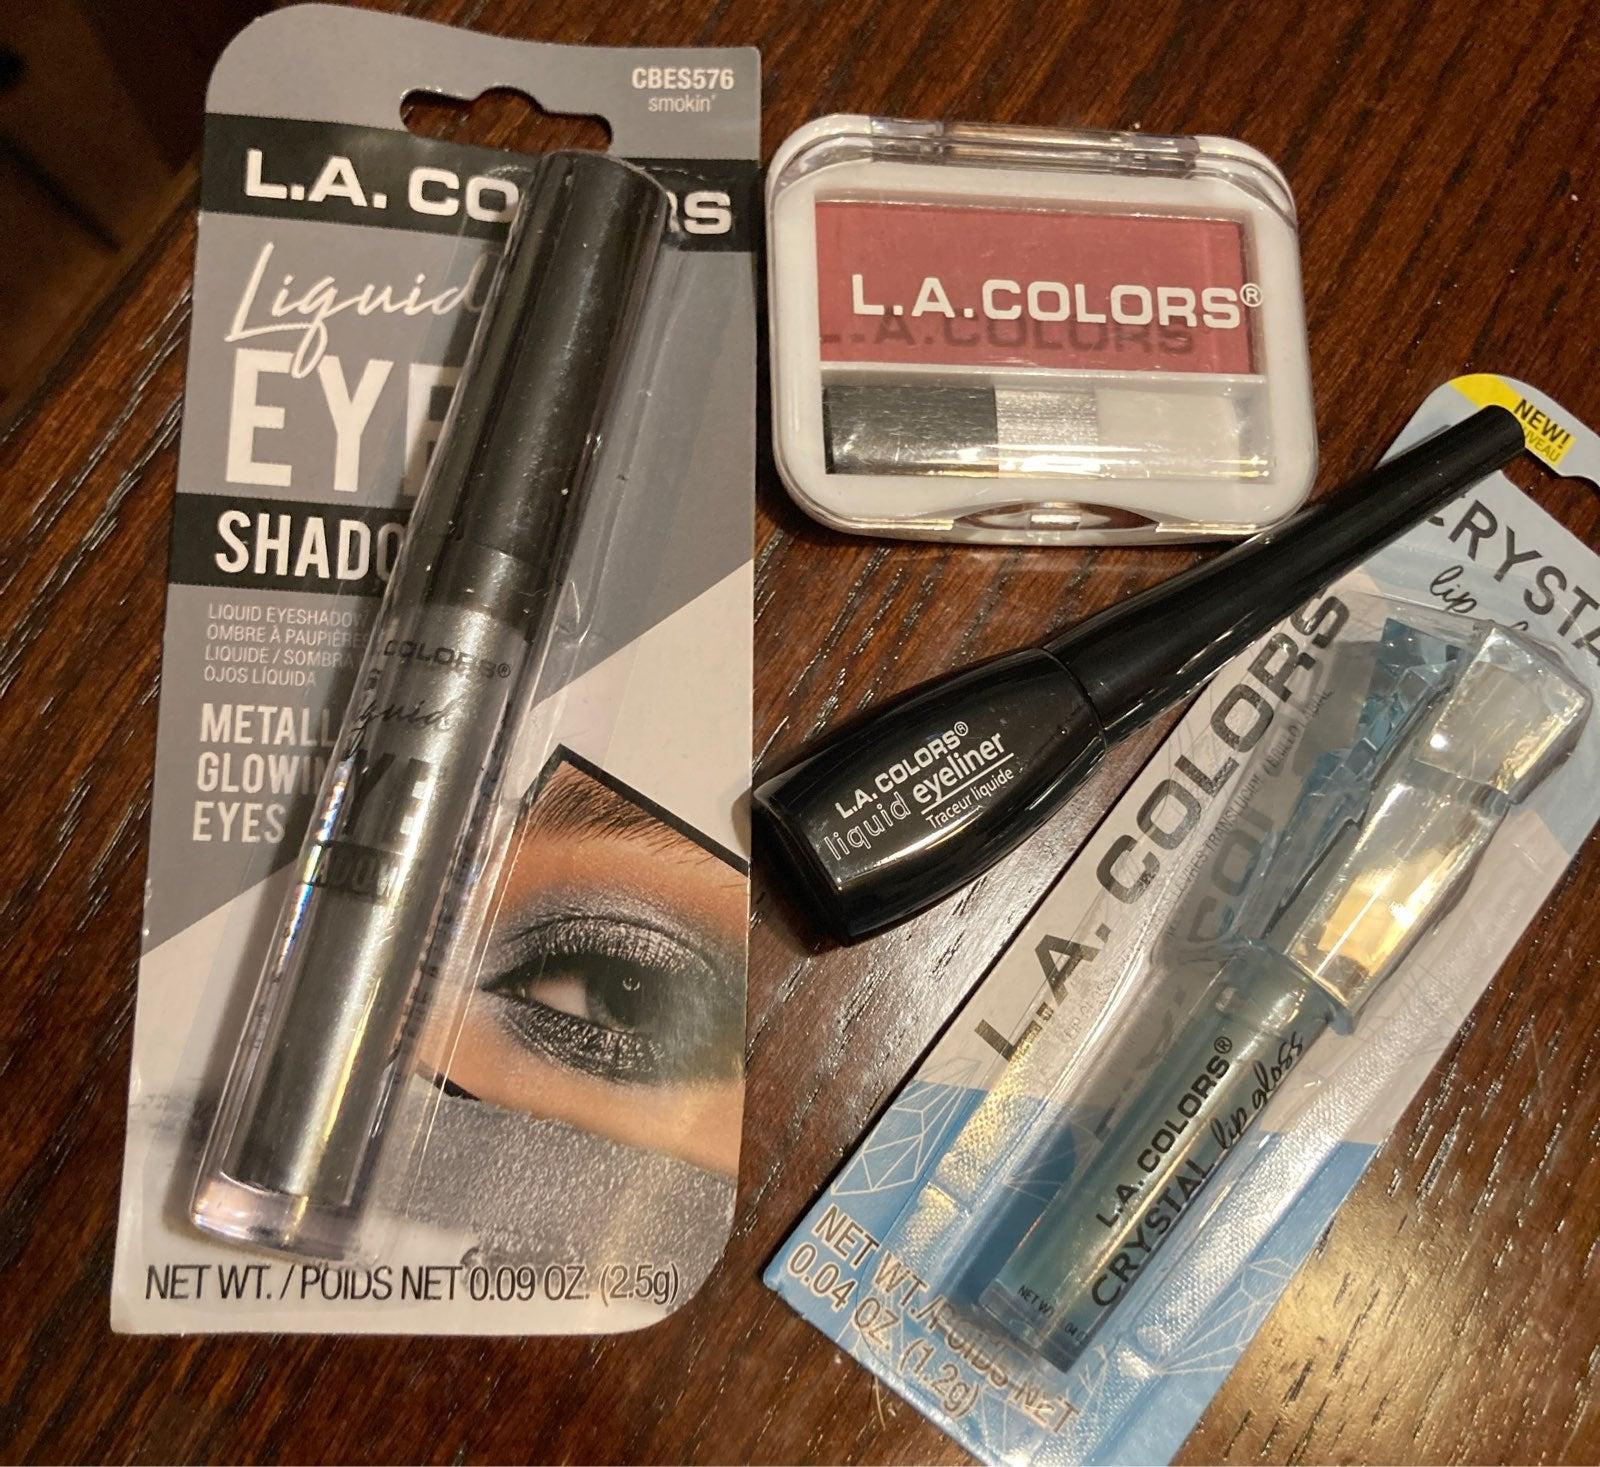 L.A. colors bundle